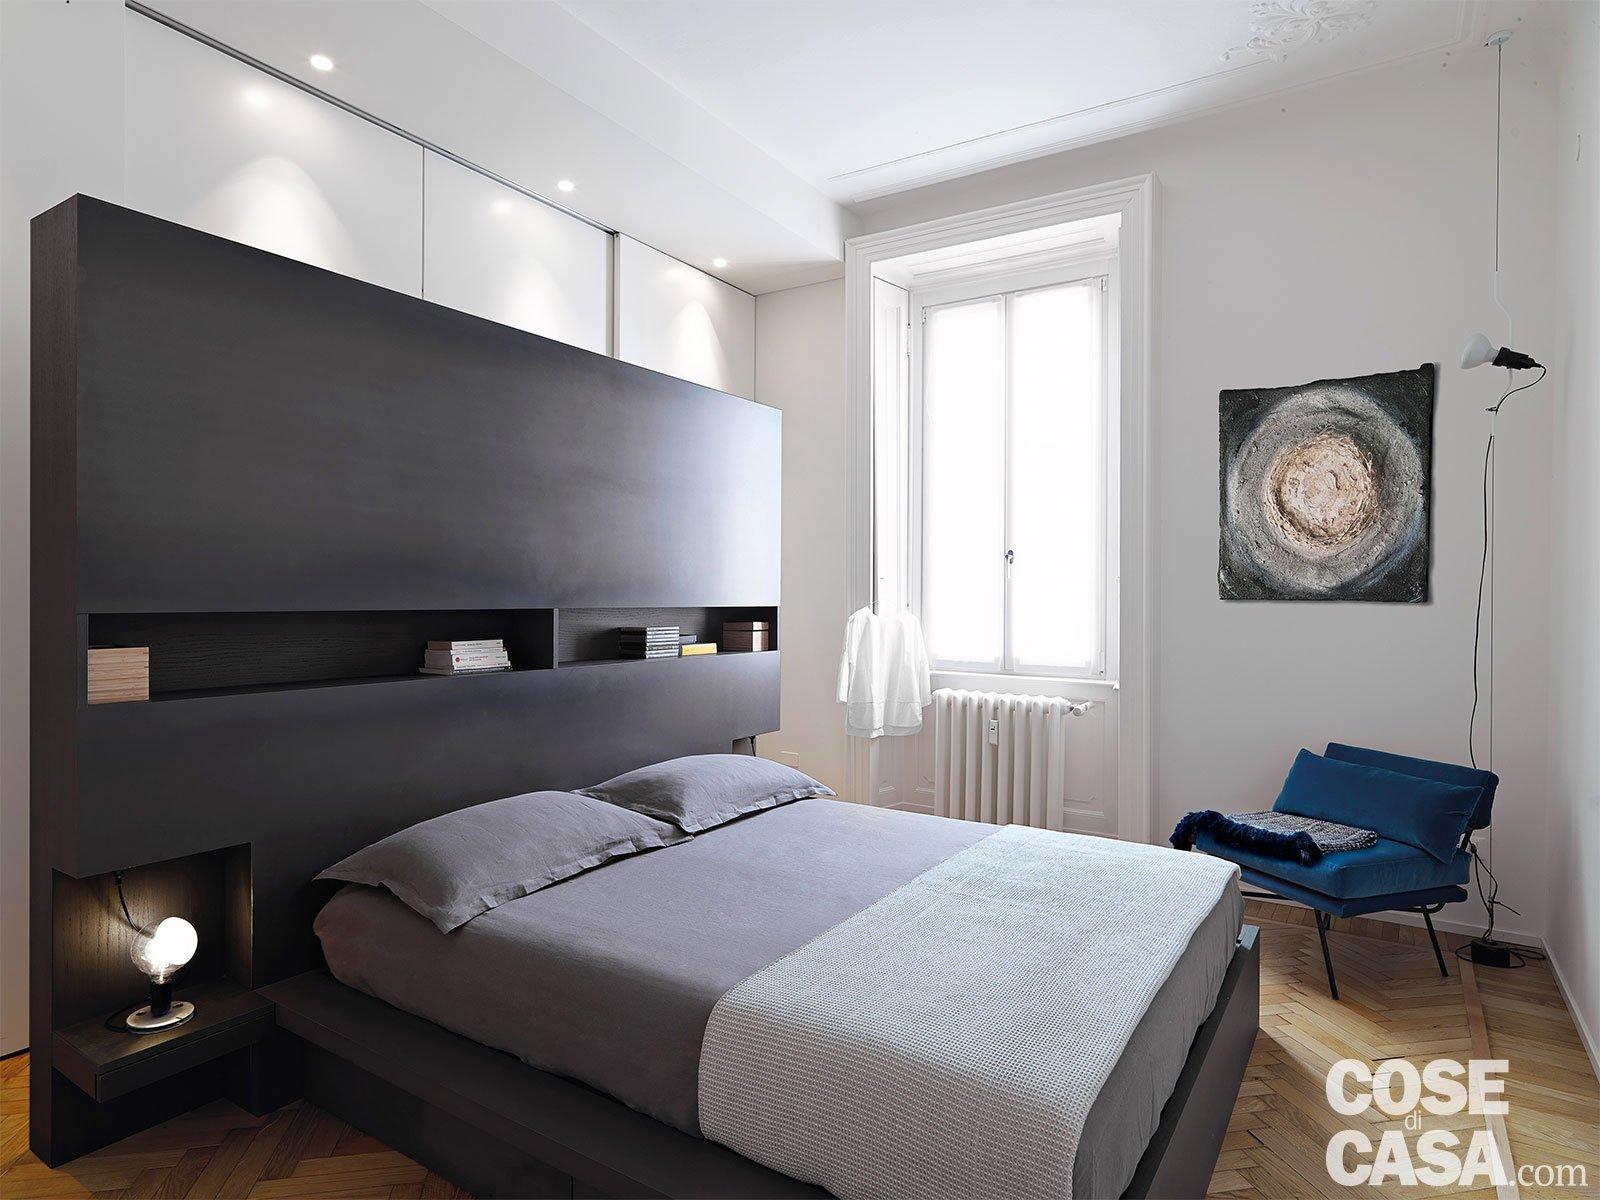 110 mq con una parete in vetro per dividere soggiorno e corridoio e con la cabina armadio dietro - Armadio dietro letto matrimoniale ...